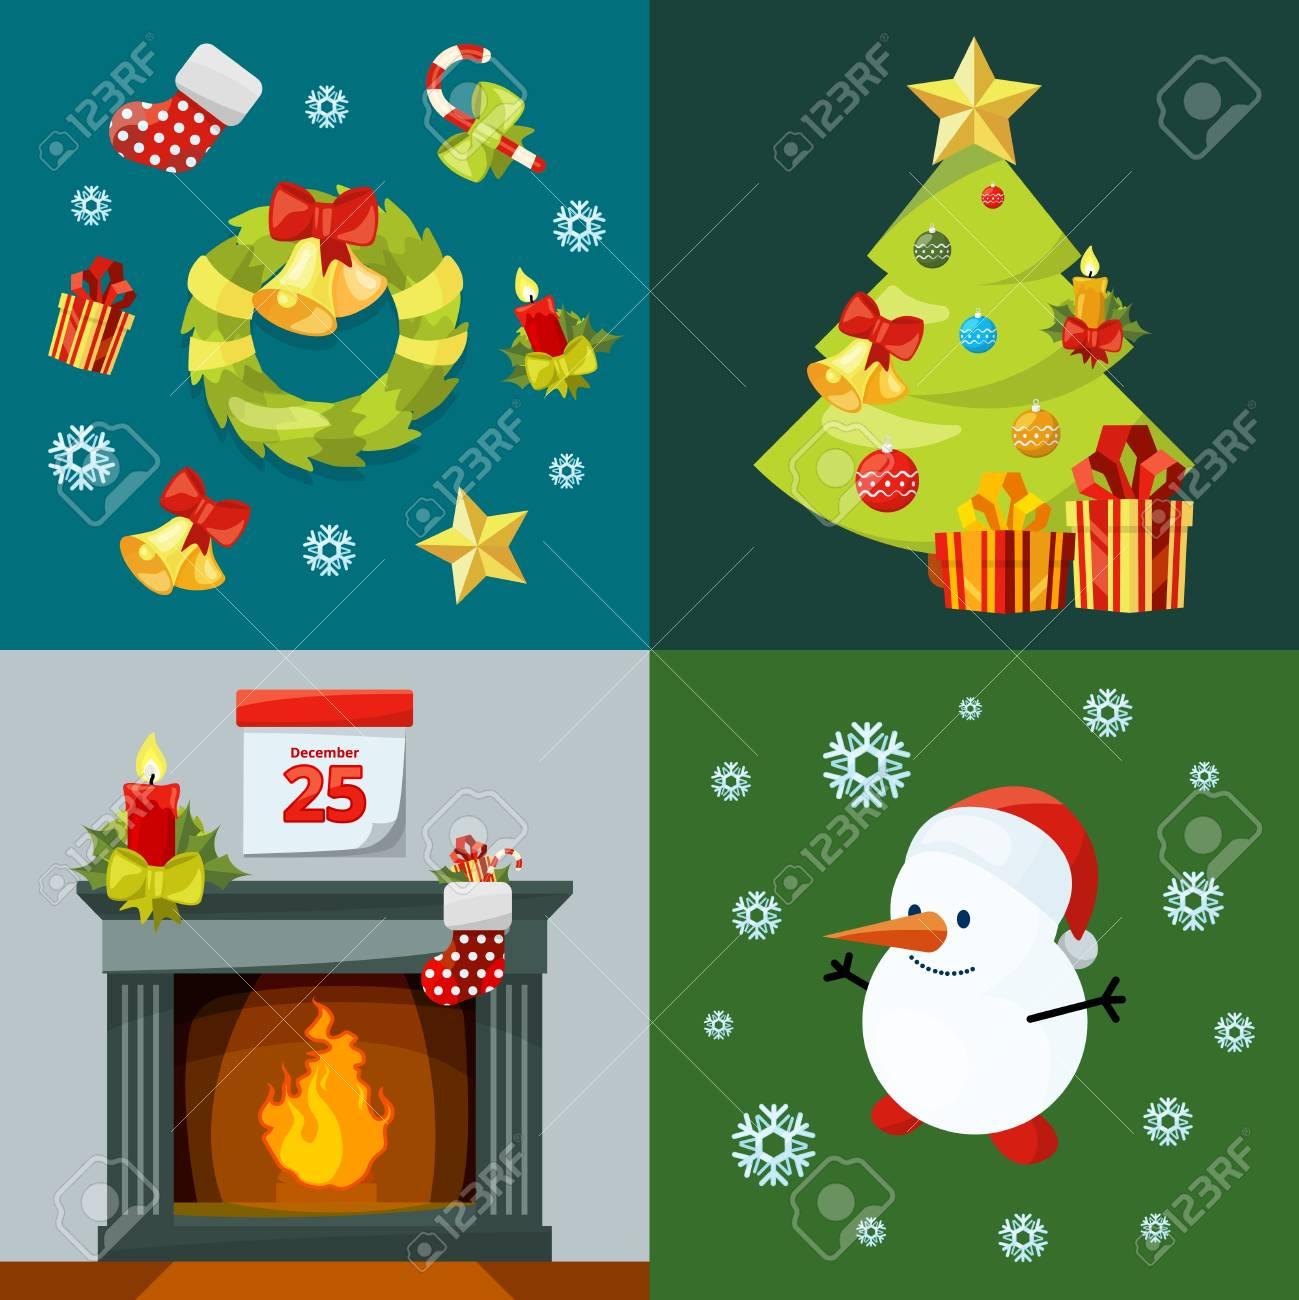 Christmas Celebration Cartoon Images.Conceptual Pictures Of Christmas Celebration Vector Illustrations